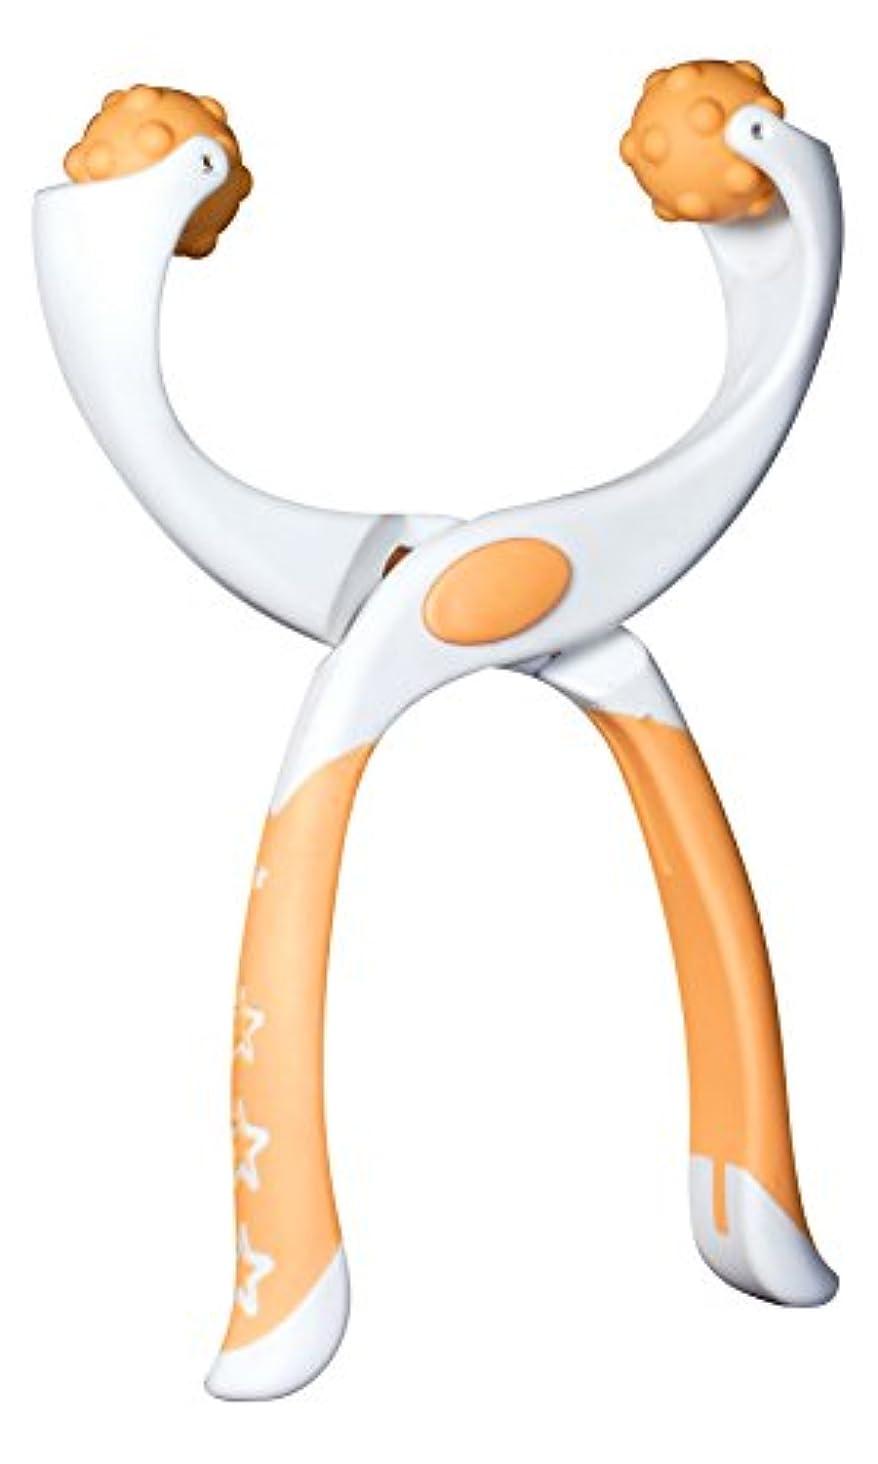 へこみ振動させる千つまんdeペンチ ツボ押し【足用】 オレンジ ポーチ付き「職場で使える軽くて持ち運べるマッサージ機」